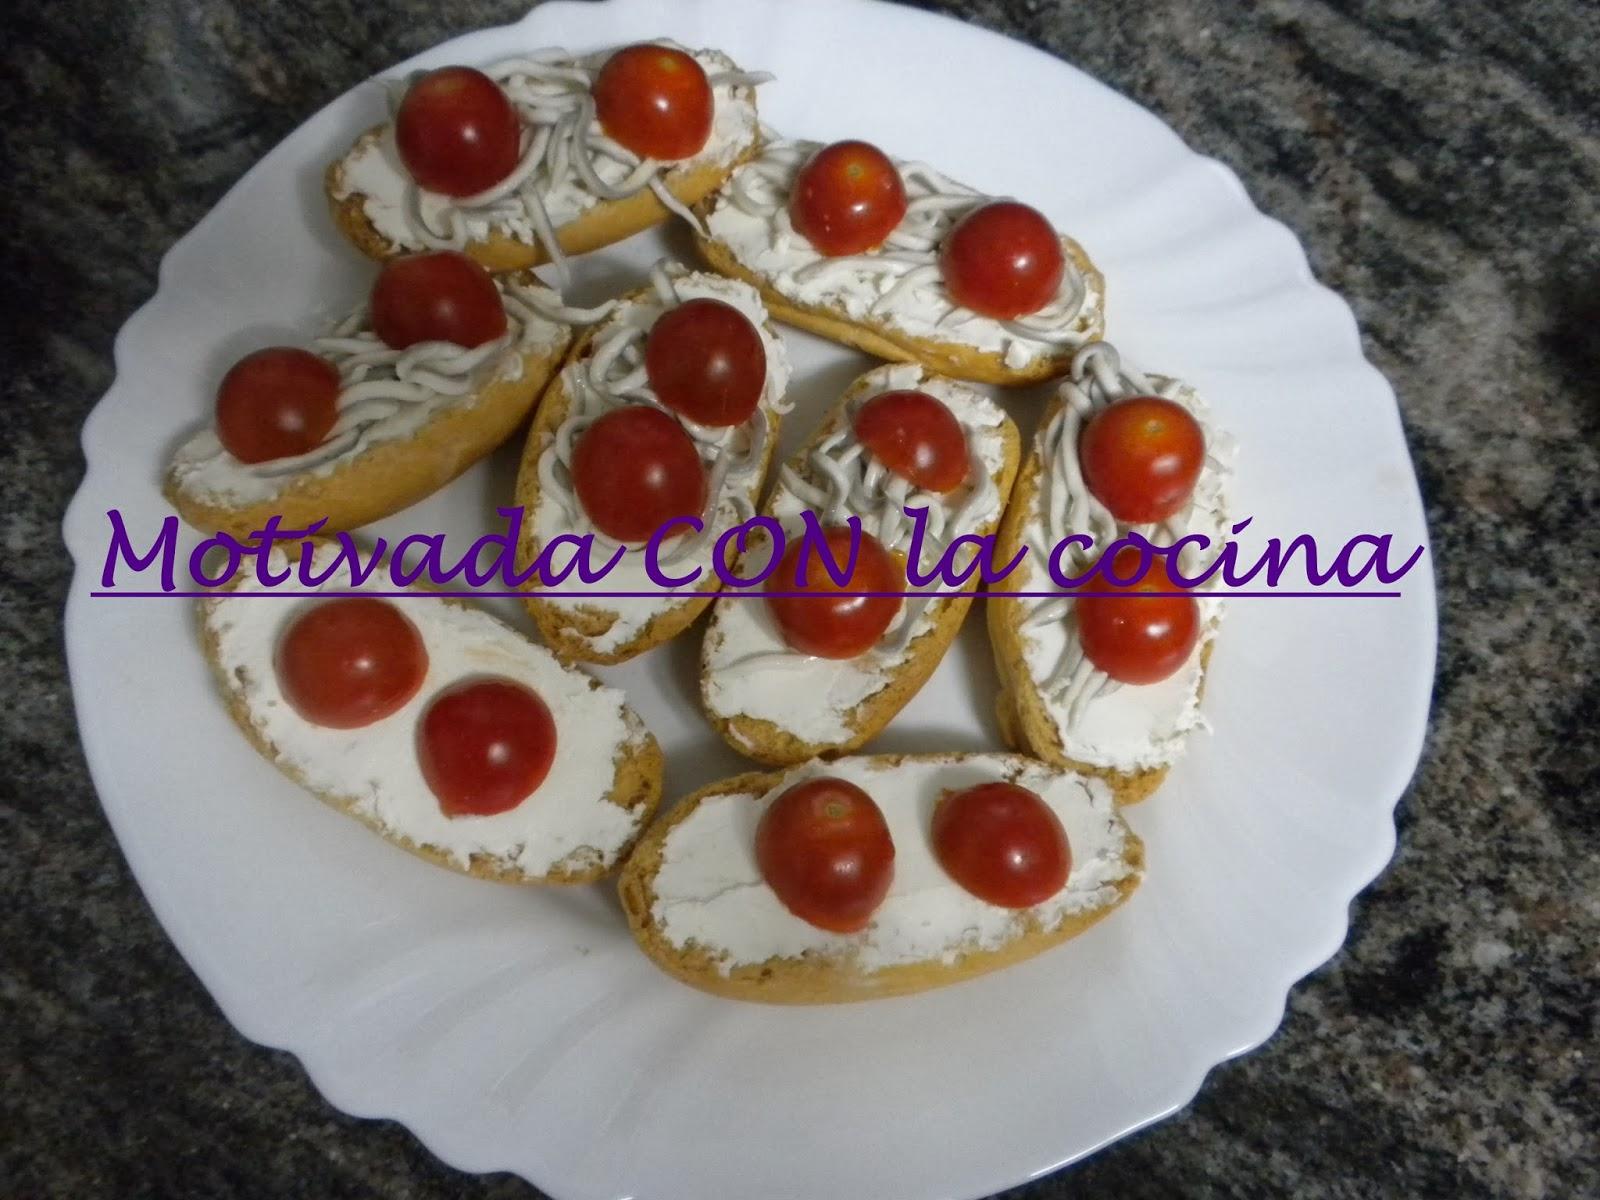 Motivada con la cocina aperitivos originales - Aperitivos frios originales ...